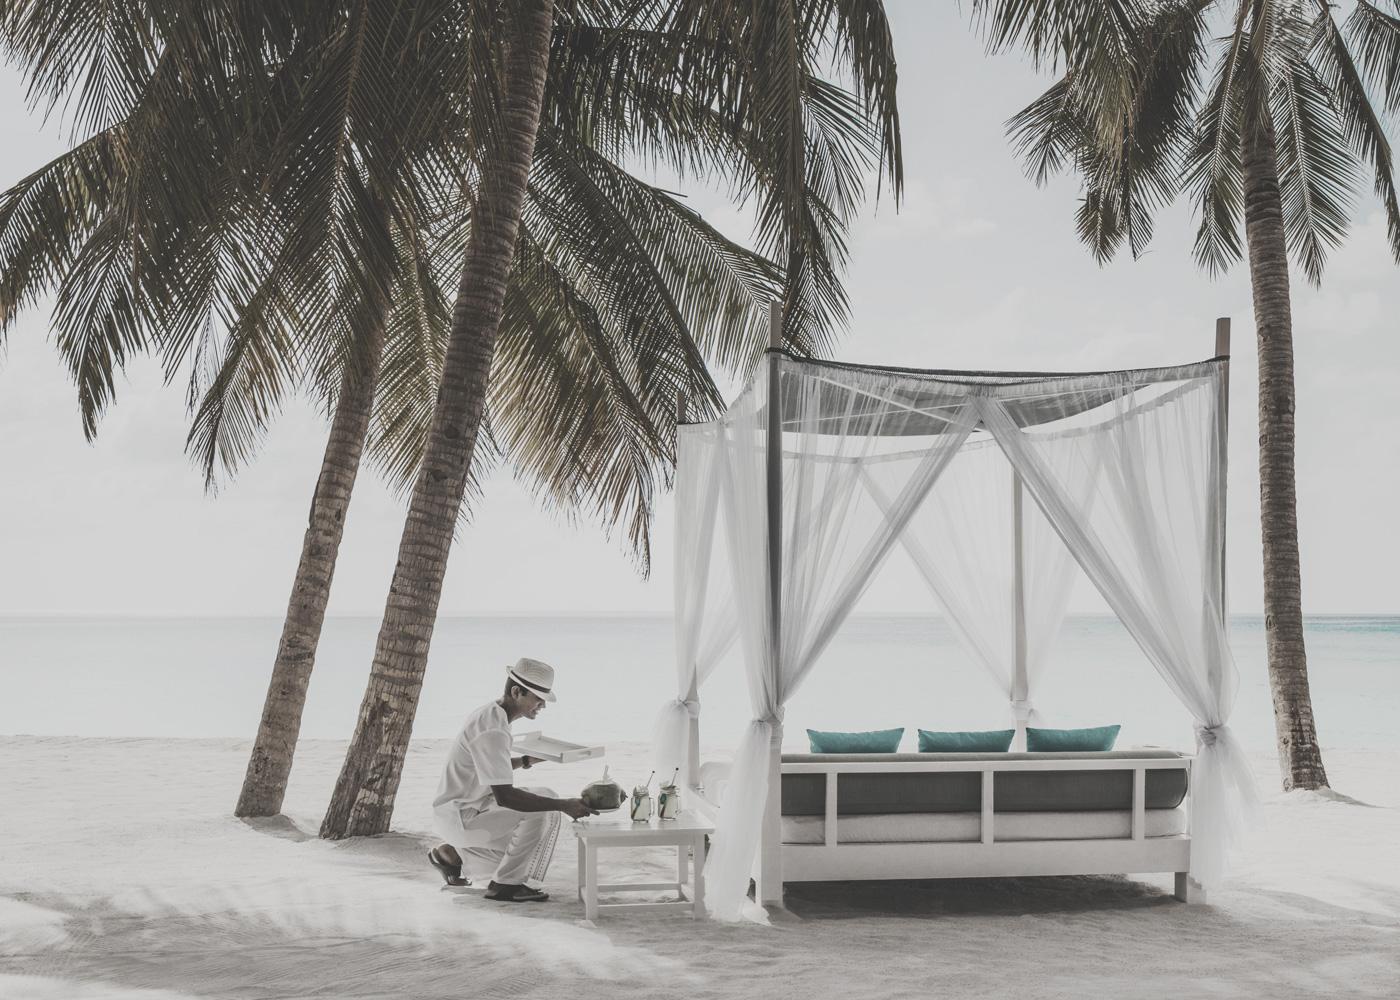 Cabana am Strand des Beach-Clubs